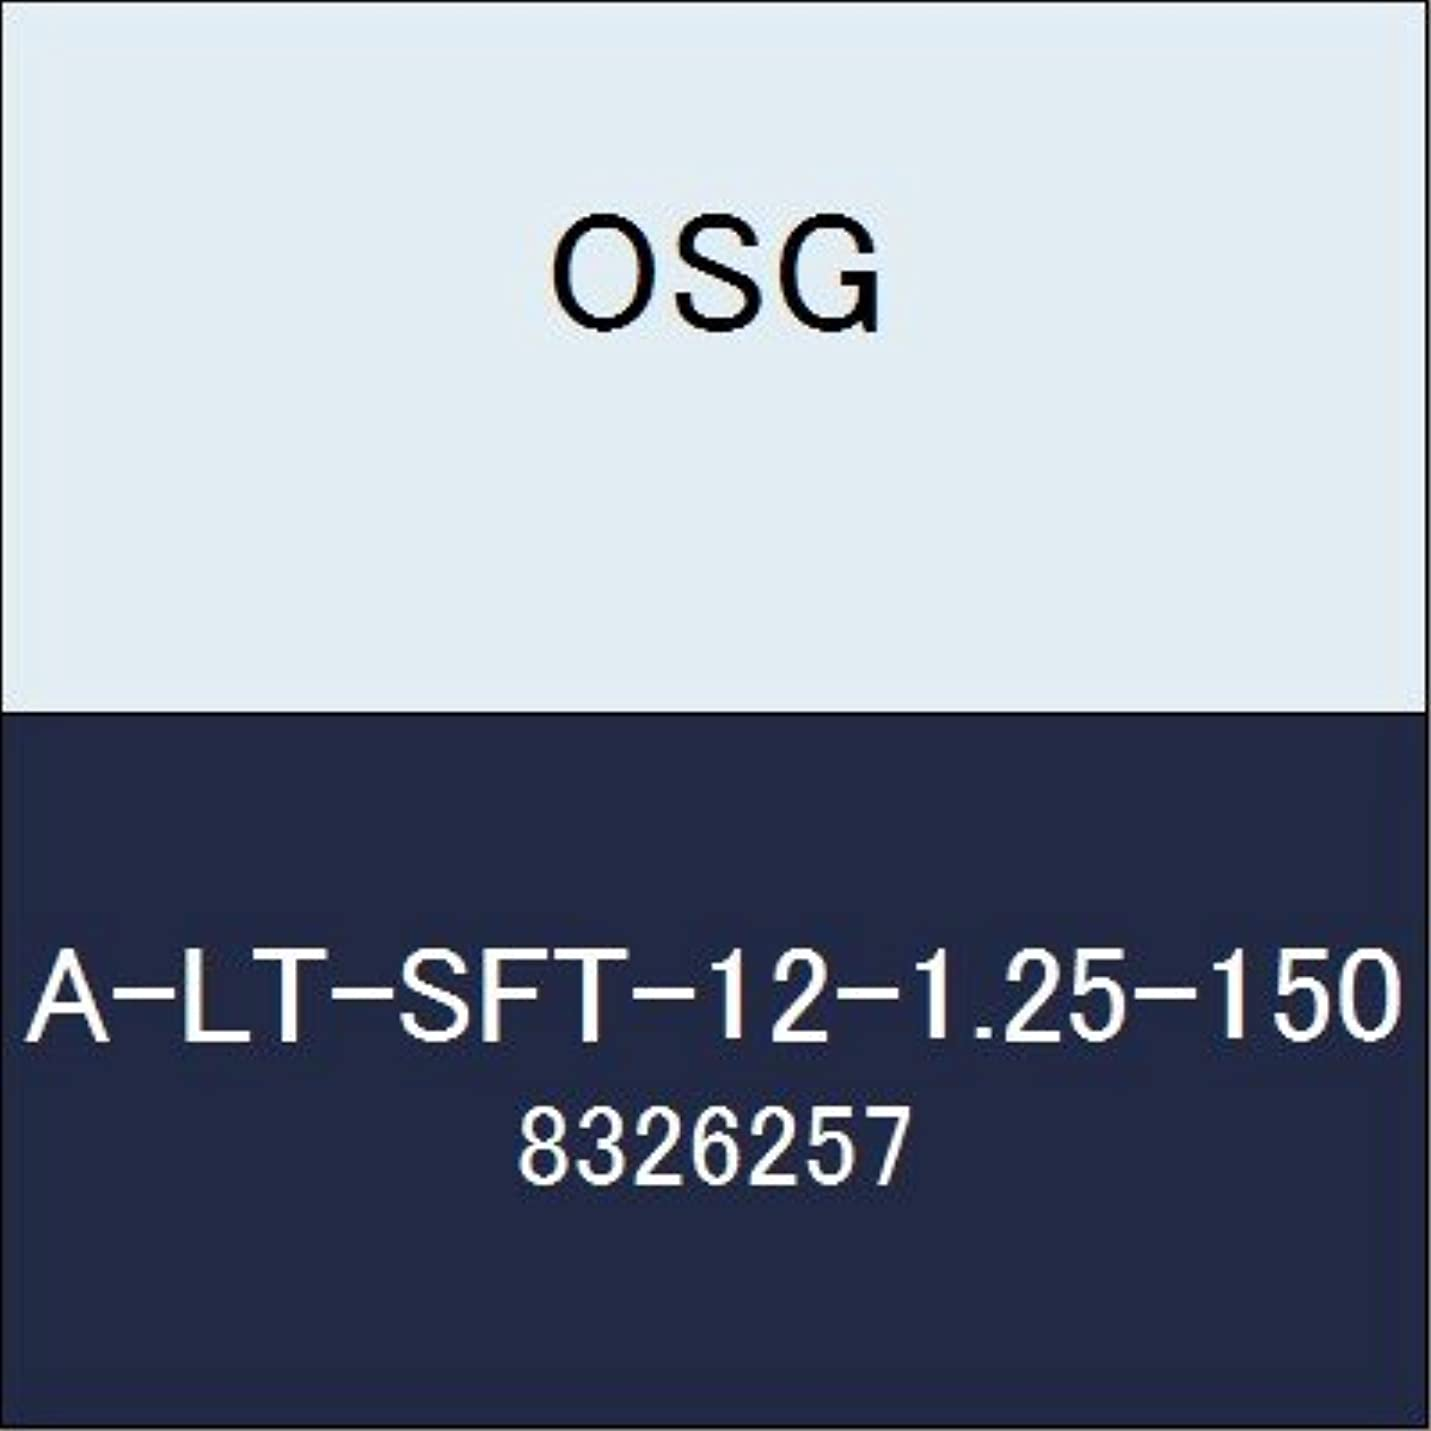 のためにビュッフェアートOSG ハイススパイラルタップ A-LT-SFT-12-1.25-150 商品番号 8326257